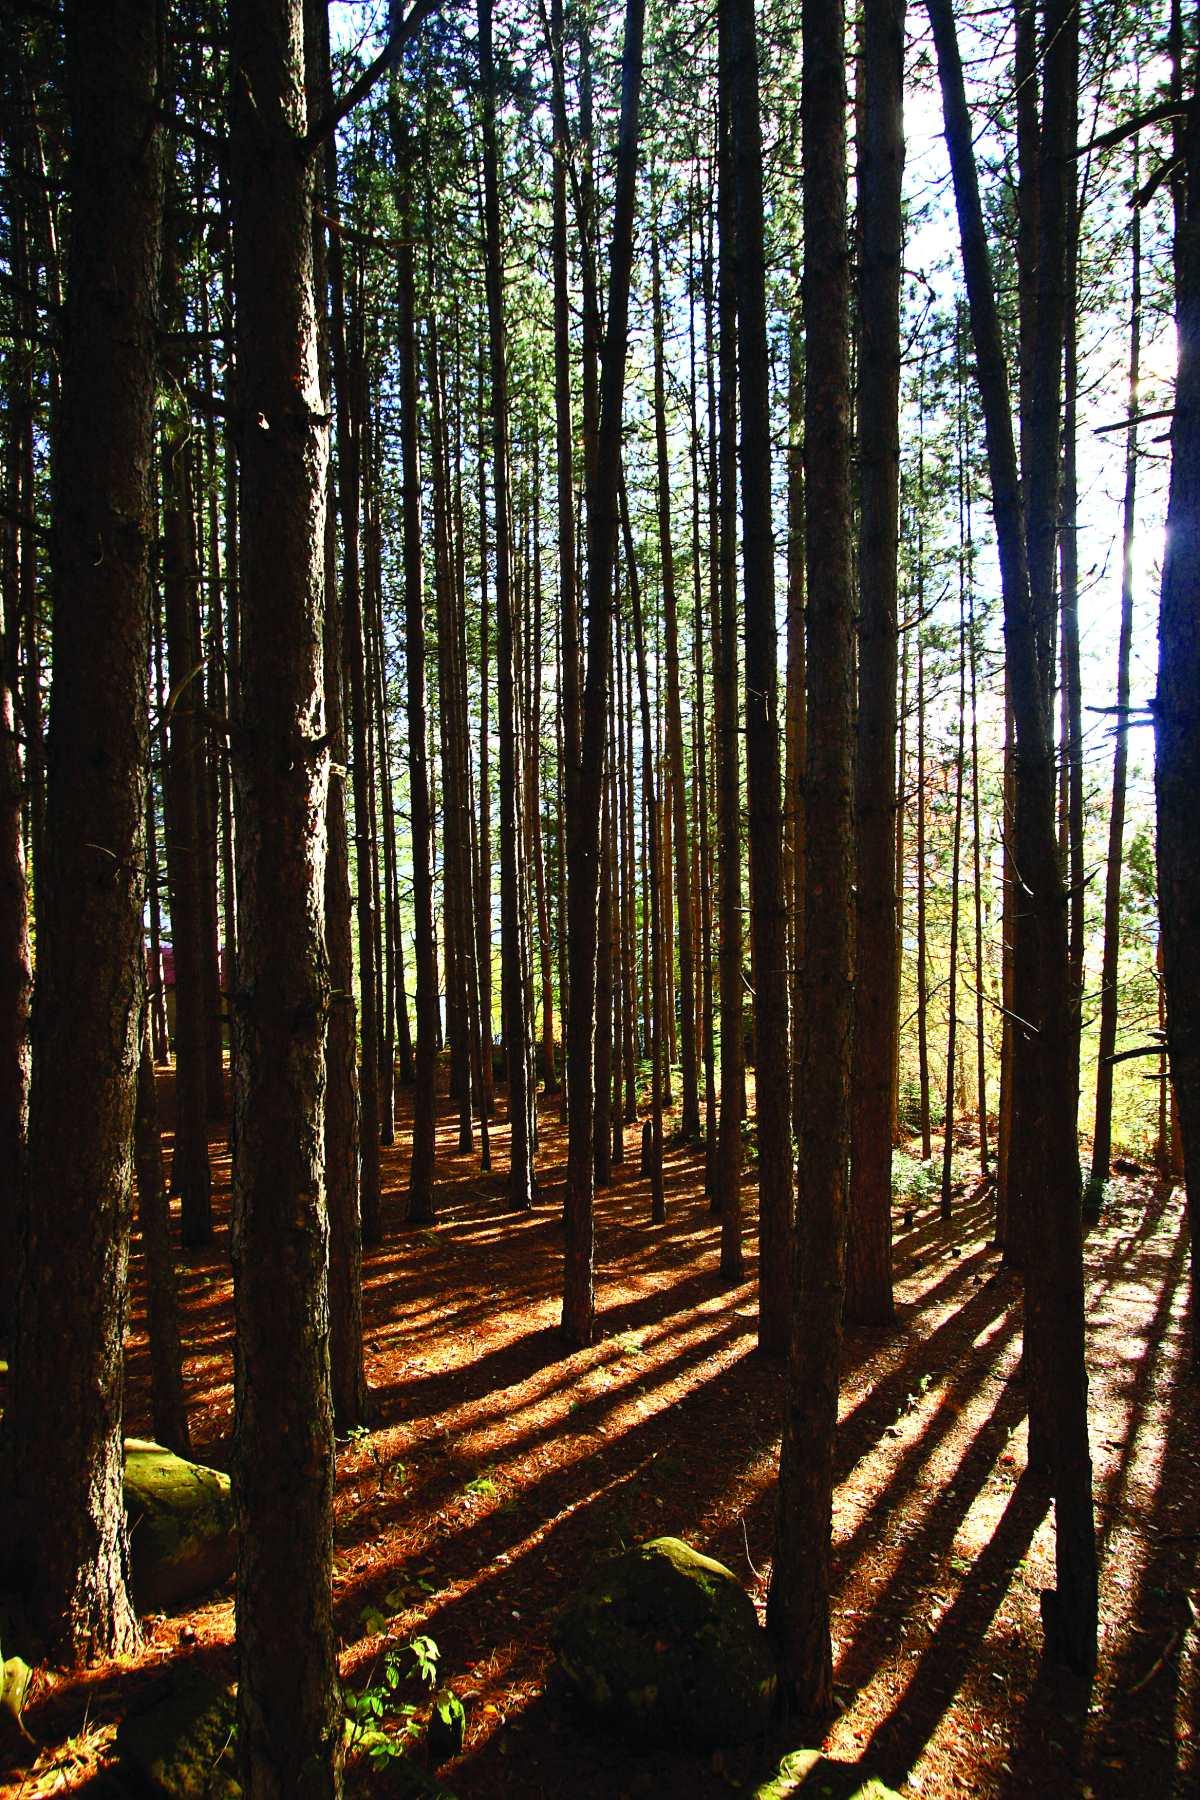 Νεραϊδοχώρι Τρικάλων,δάσος στο χωριό